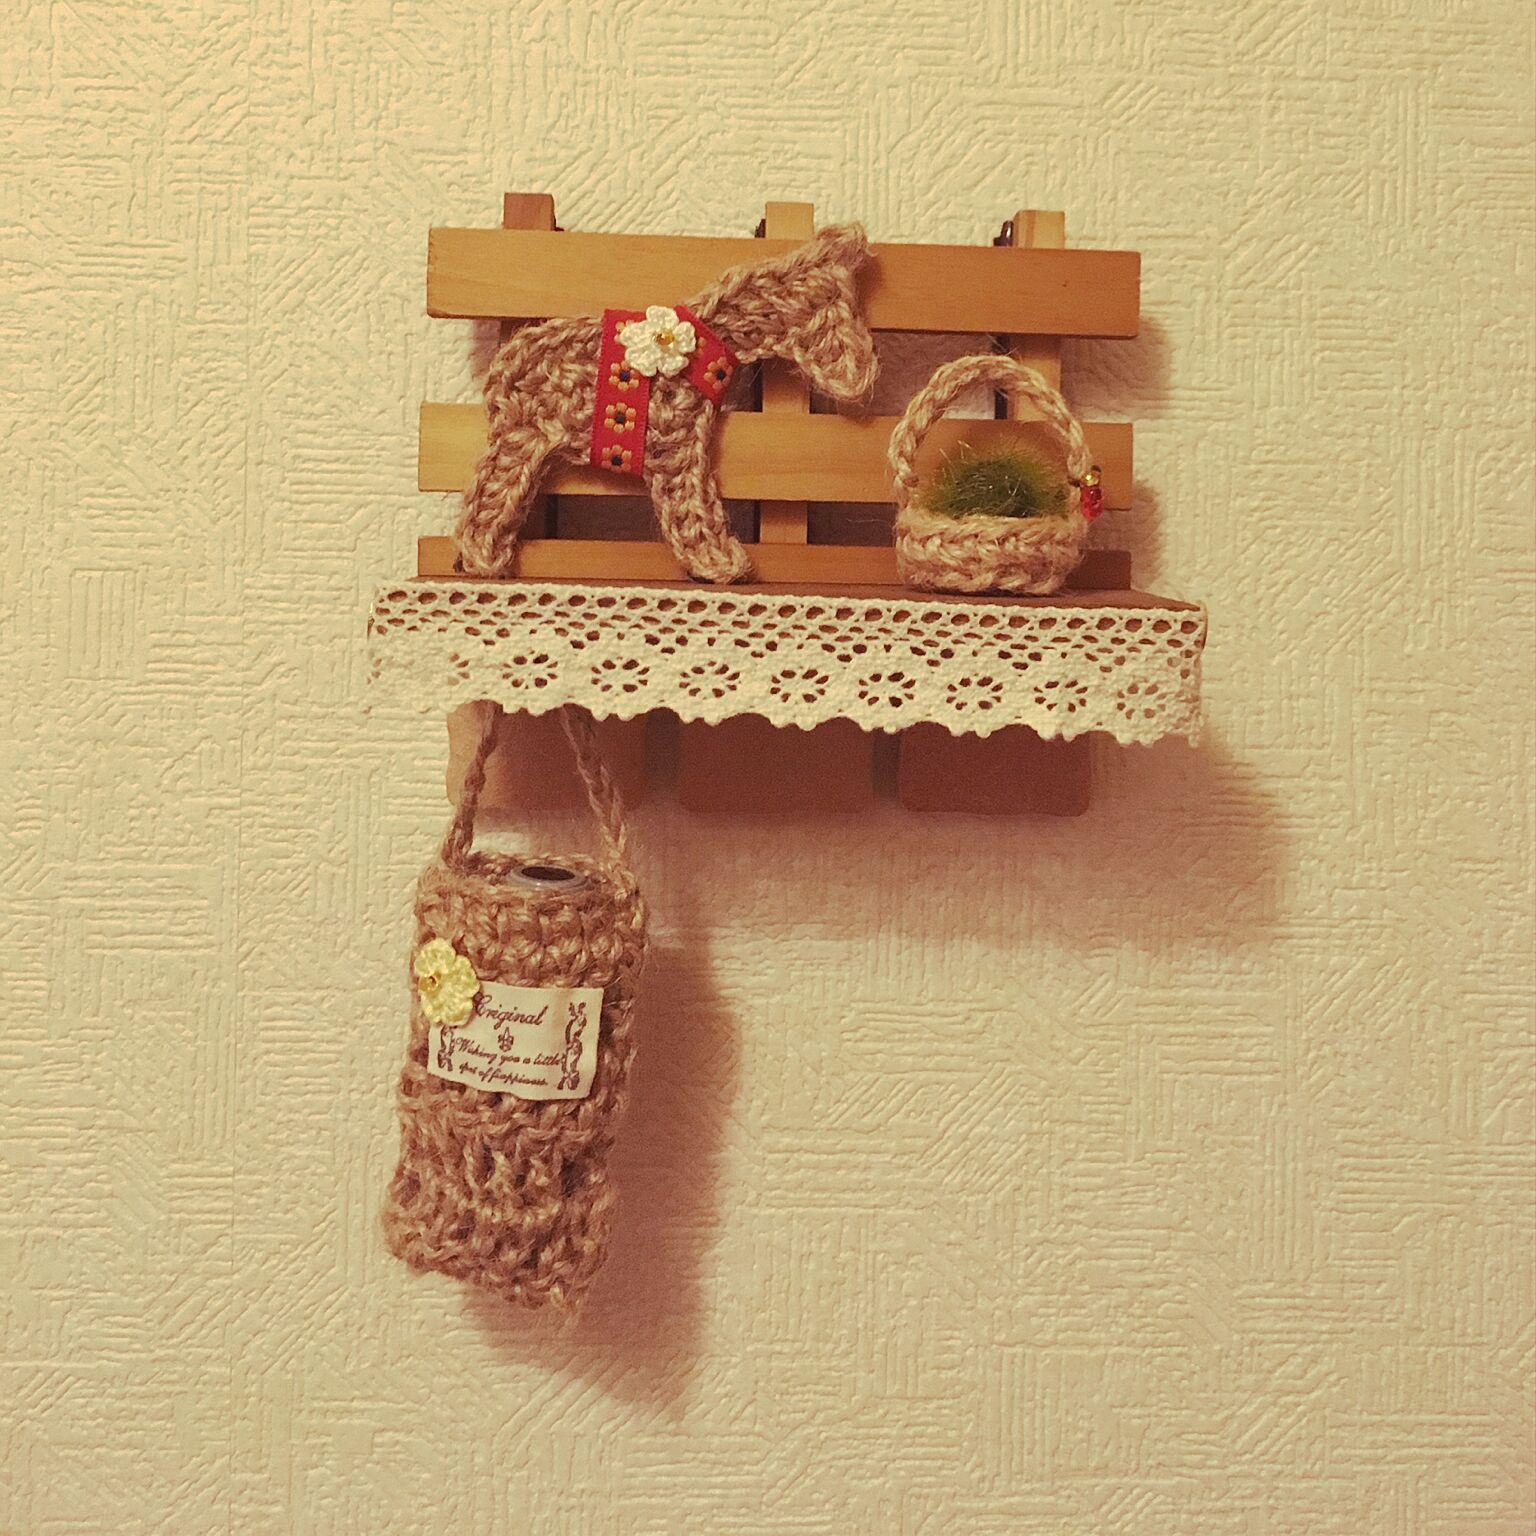 こちらは、麻ひもで手編みした作品です。ダーラナホースや印鑑ケースなど、まるで雑貨のようにディスプレイされており、印鑑が入っているとは気付けないかわいい作品です。